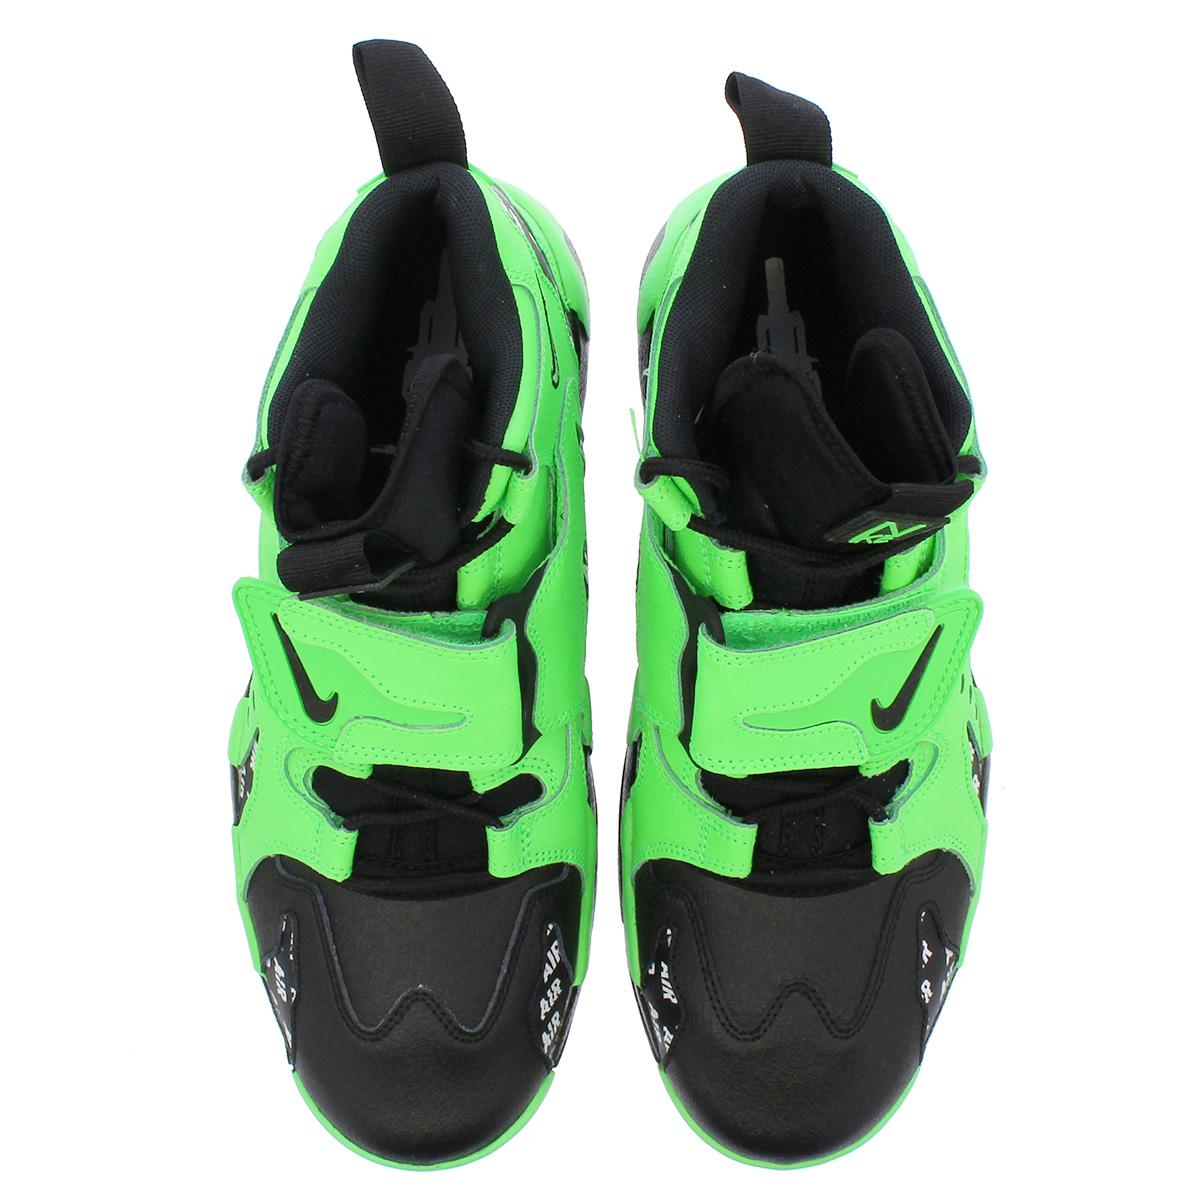 8a7bf25f2d LOWTEX PLUS: NIKE AIR DT MAX 96 SOA Nike air DT max 96 RAGE GREEN ...